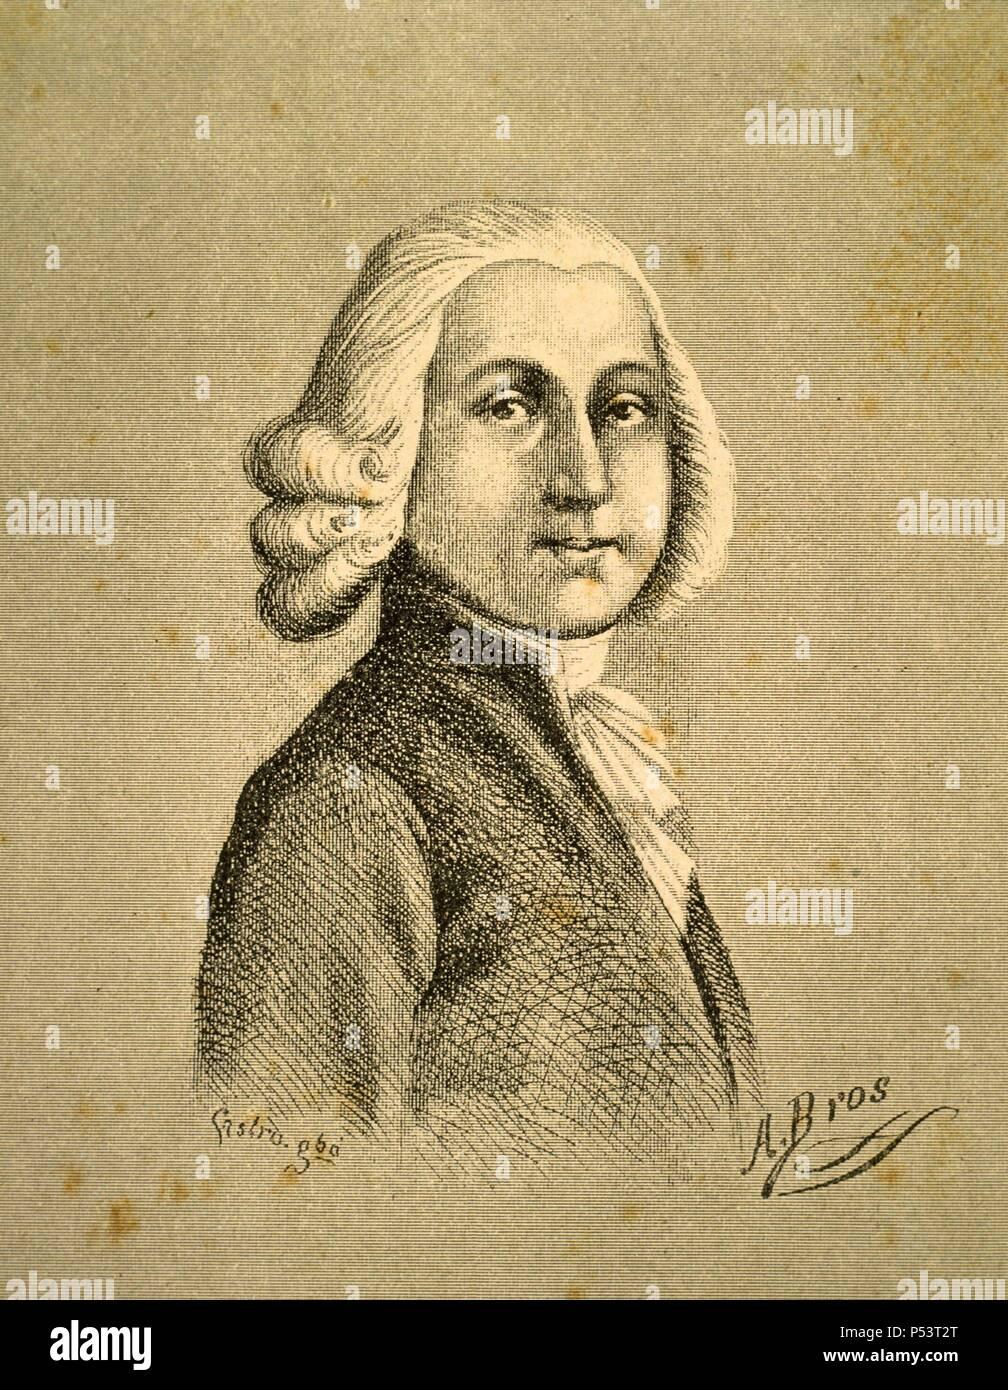 Luigi Boccherini (1743-1805). Violencelista y compositor italiano. Grabado  de 1893.